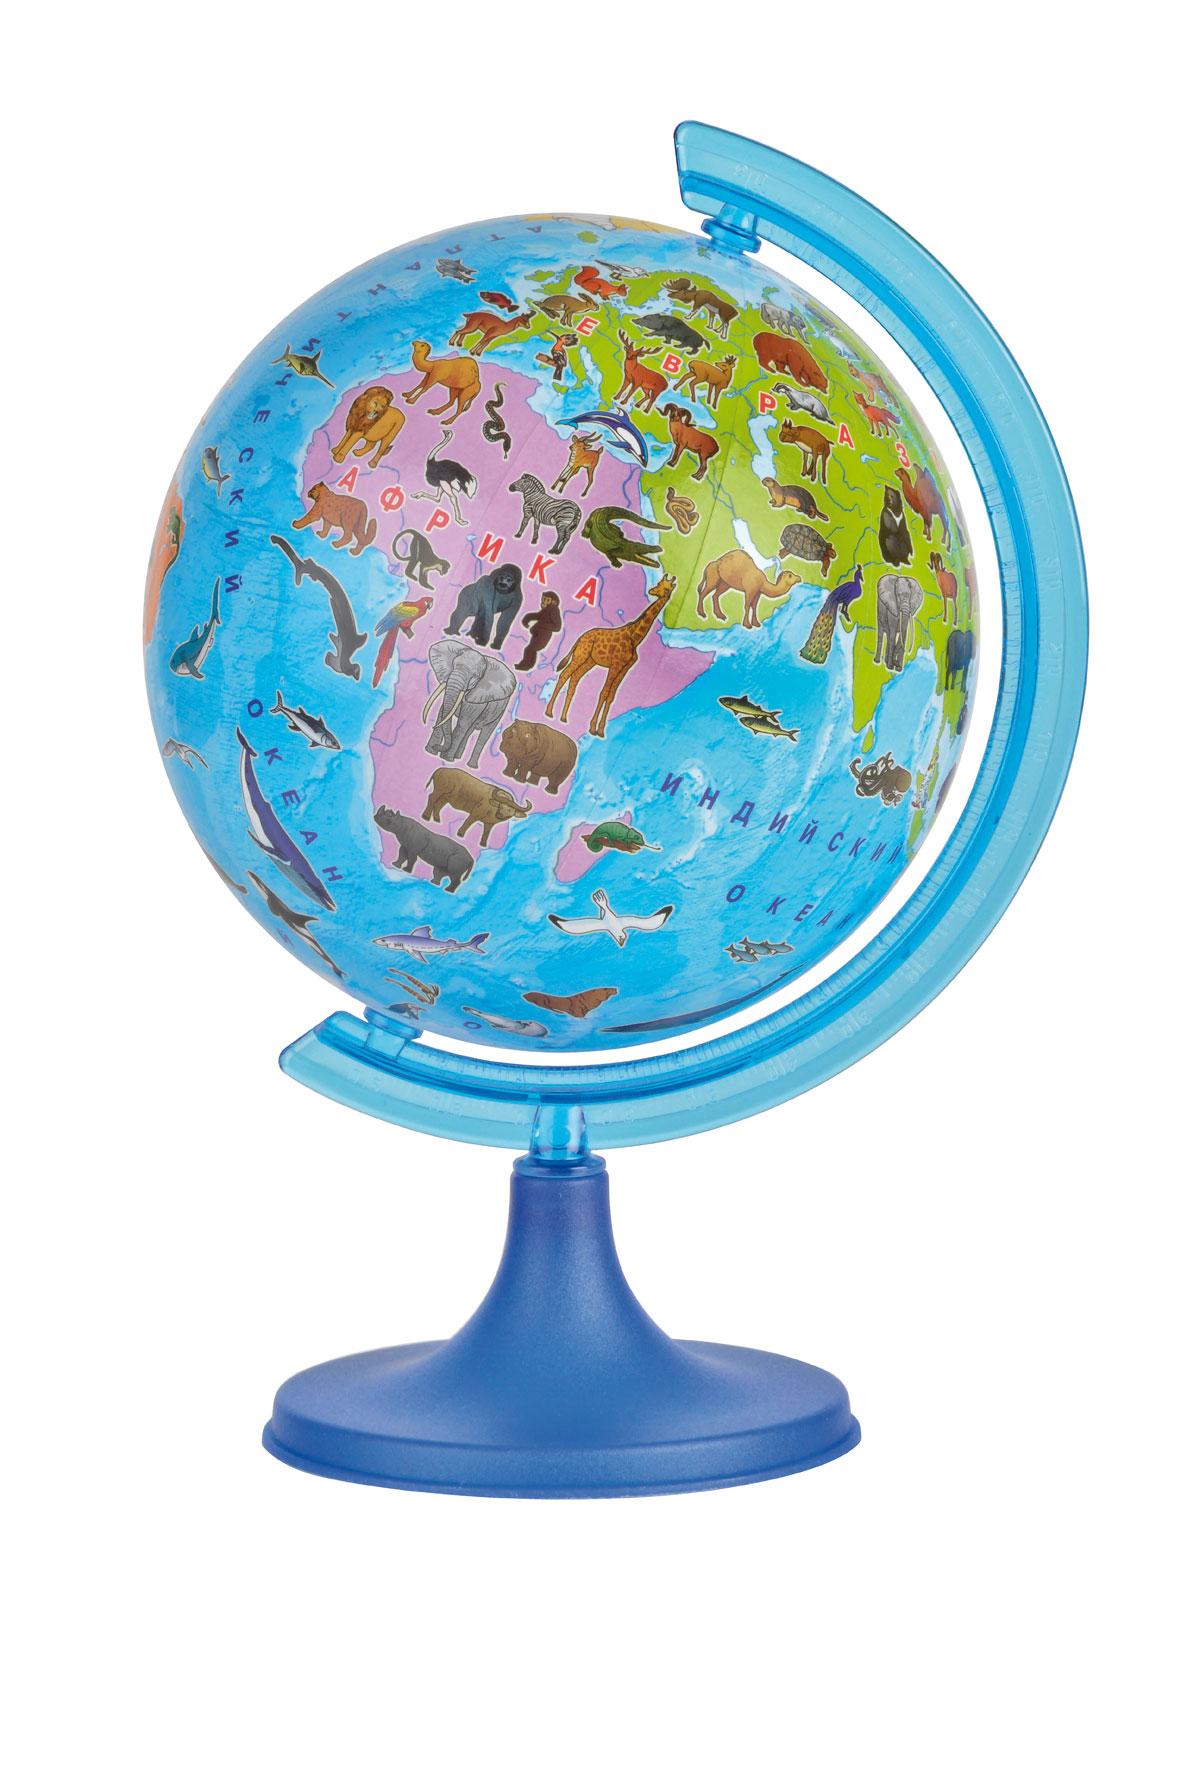 Глобус DMB Сафари, диаметр 16 см + Мини-энциклопедия Животный Мир ЗемлиОСН1224098Глобус DMB Сафари изготовлен из высококачественного прочного пластика в оригинальной, яркой цветной гамме, где все материки и океаны выполнены в ярких контрастных красках, что привлечет внимание и интерес ребенка. На глобусе отображены самые известные животные, наиболее характерные для той или иной среды обитания. Изделие расположено на подставке. Географические названия на глобусе приведены на русском языке. Сделайте первый шаг в стимулирование своего обучения! К глобусу прилагается мини-энциклопедия Животный Мир Земли, которая обязательно поможет детям и их родителям открыть для себя что-то новое в изучении животного мира нашей удивительной планеты. Настольный глобус DMB Сафари станет оригинальным украшением рабочего стола или вашего кабинета. Это изысканная вещь для стильного интерьера, которая станет прекрасным подарком для современного преуспевающего человека, следующего последним тенденциям моды и стремящегося к элегантности и комфорту в...